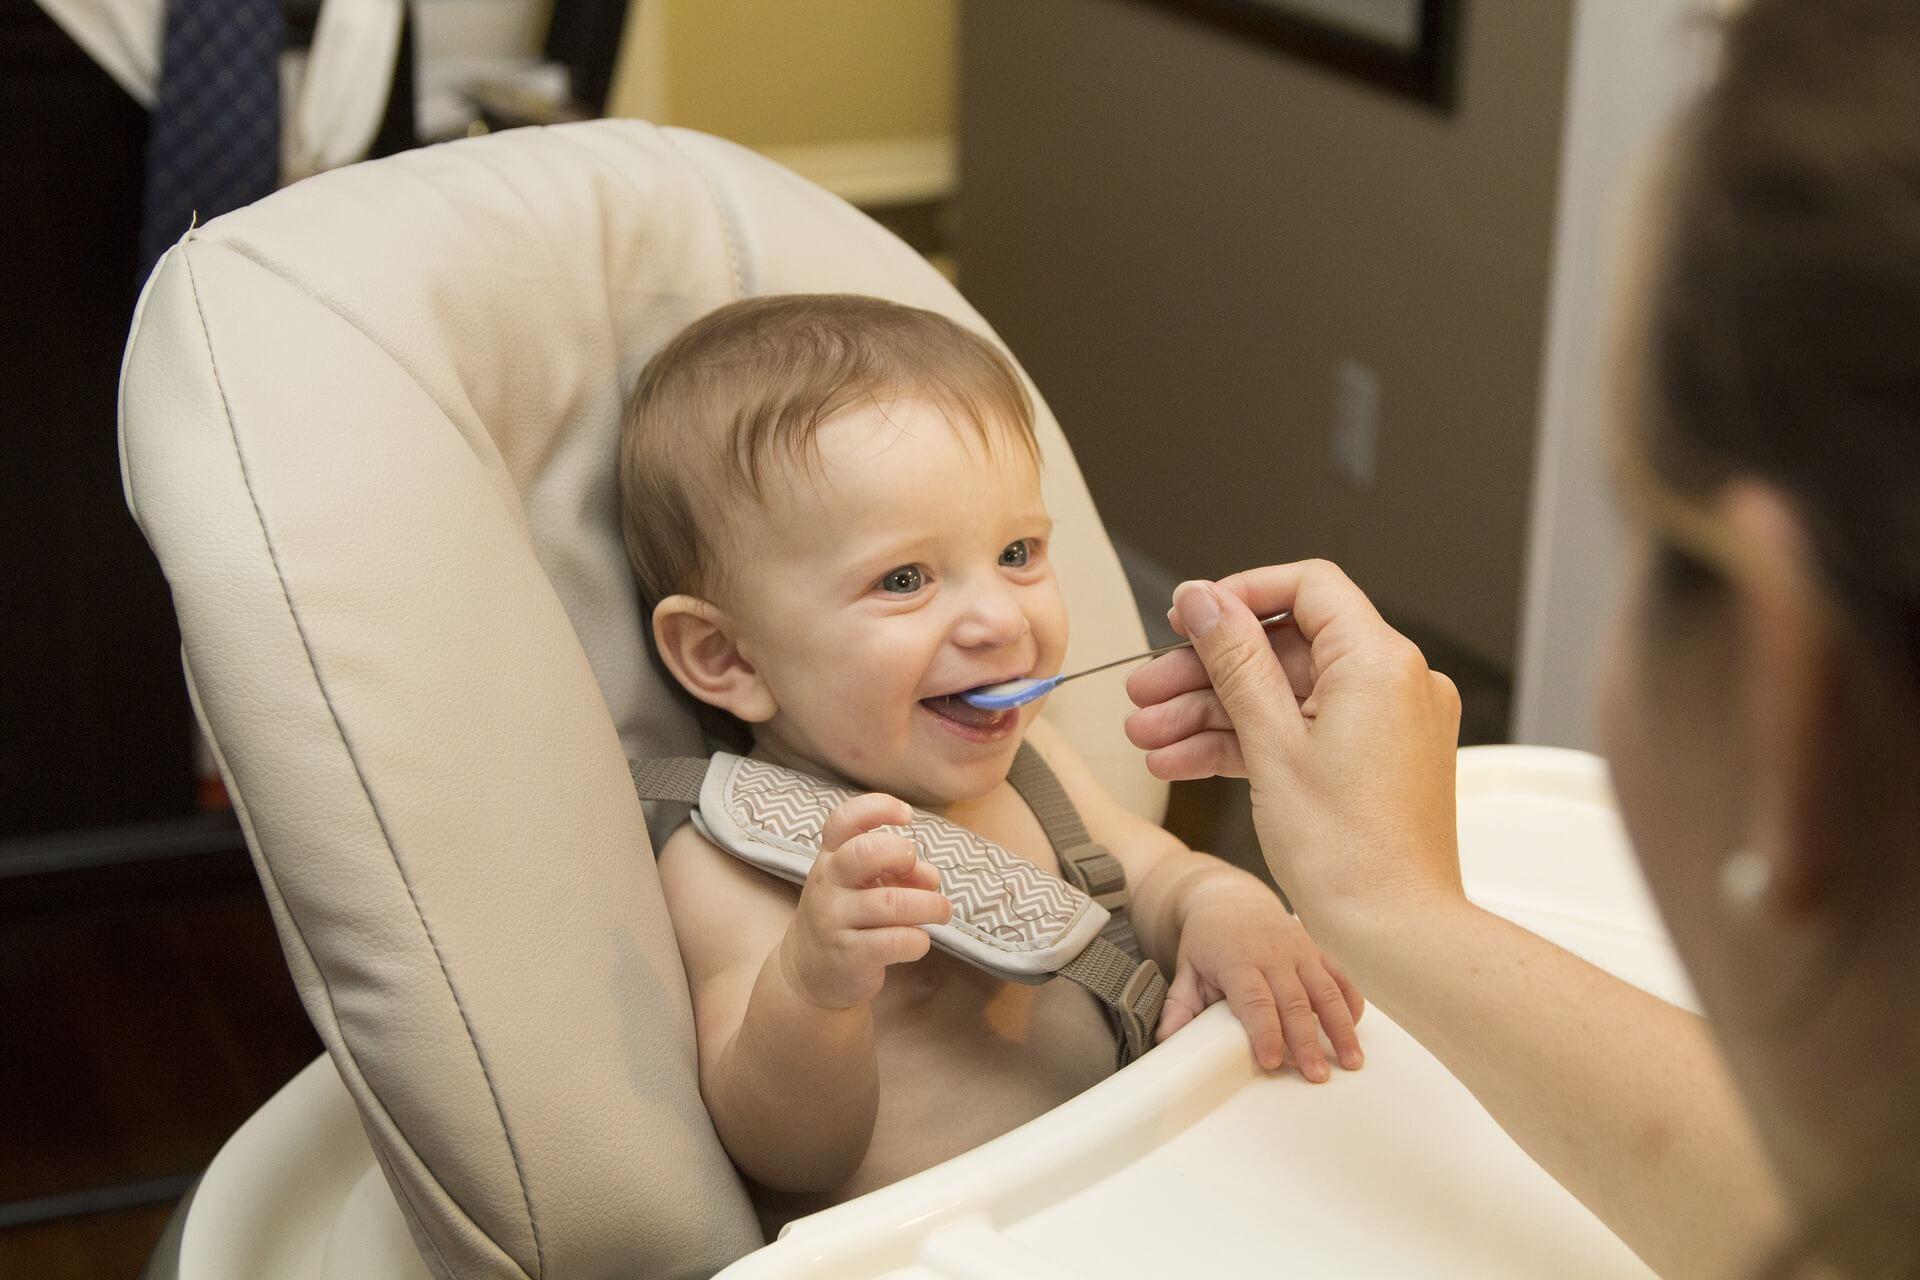 Hälsosam mat för barn – här är de bästa alternativen